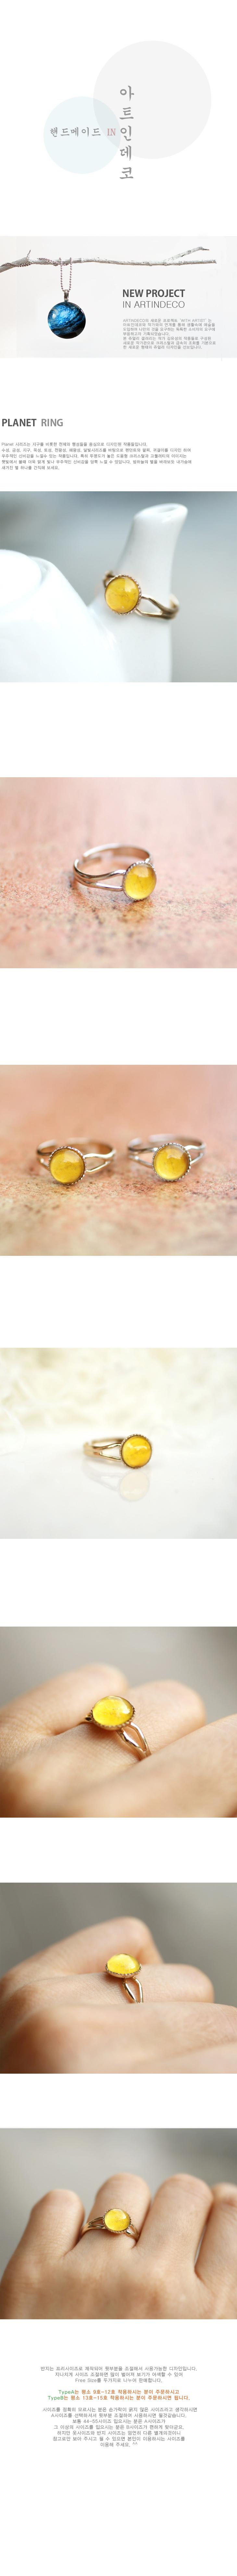 행성반지_수성12,800원-아트인데코패션잡화, 주얼리, 반지, 패션바보사랑행성반지_수성12,800원-아트인데코패션잡화, 주얼리, 반지, 패션바보사랑